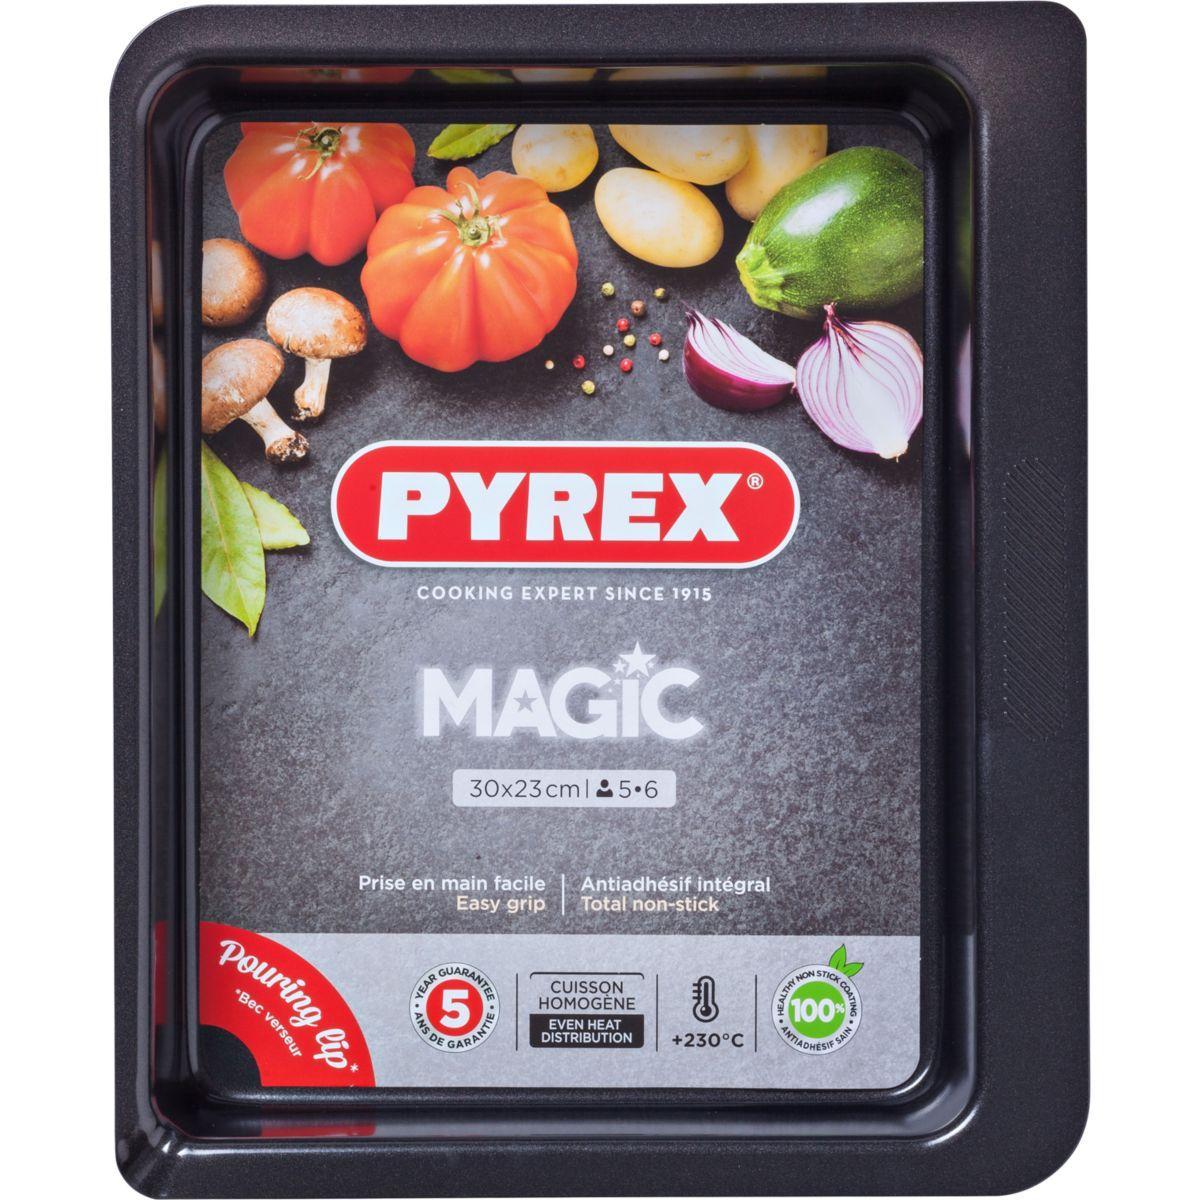 Plaque de cuisson pyrex rect m�tal 30x23 cm magic (photo)